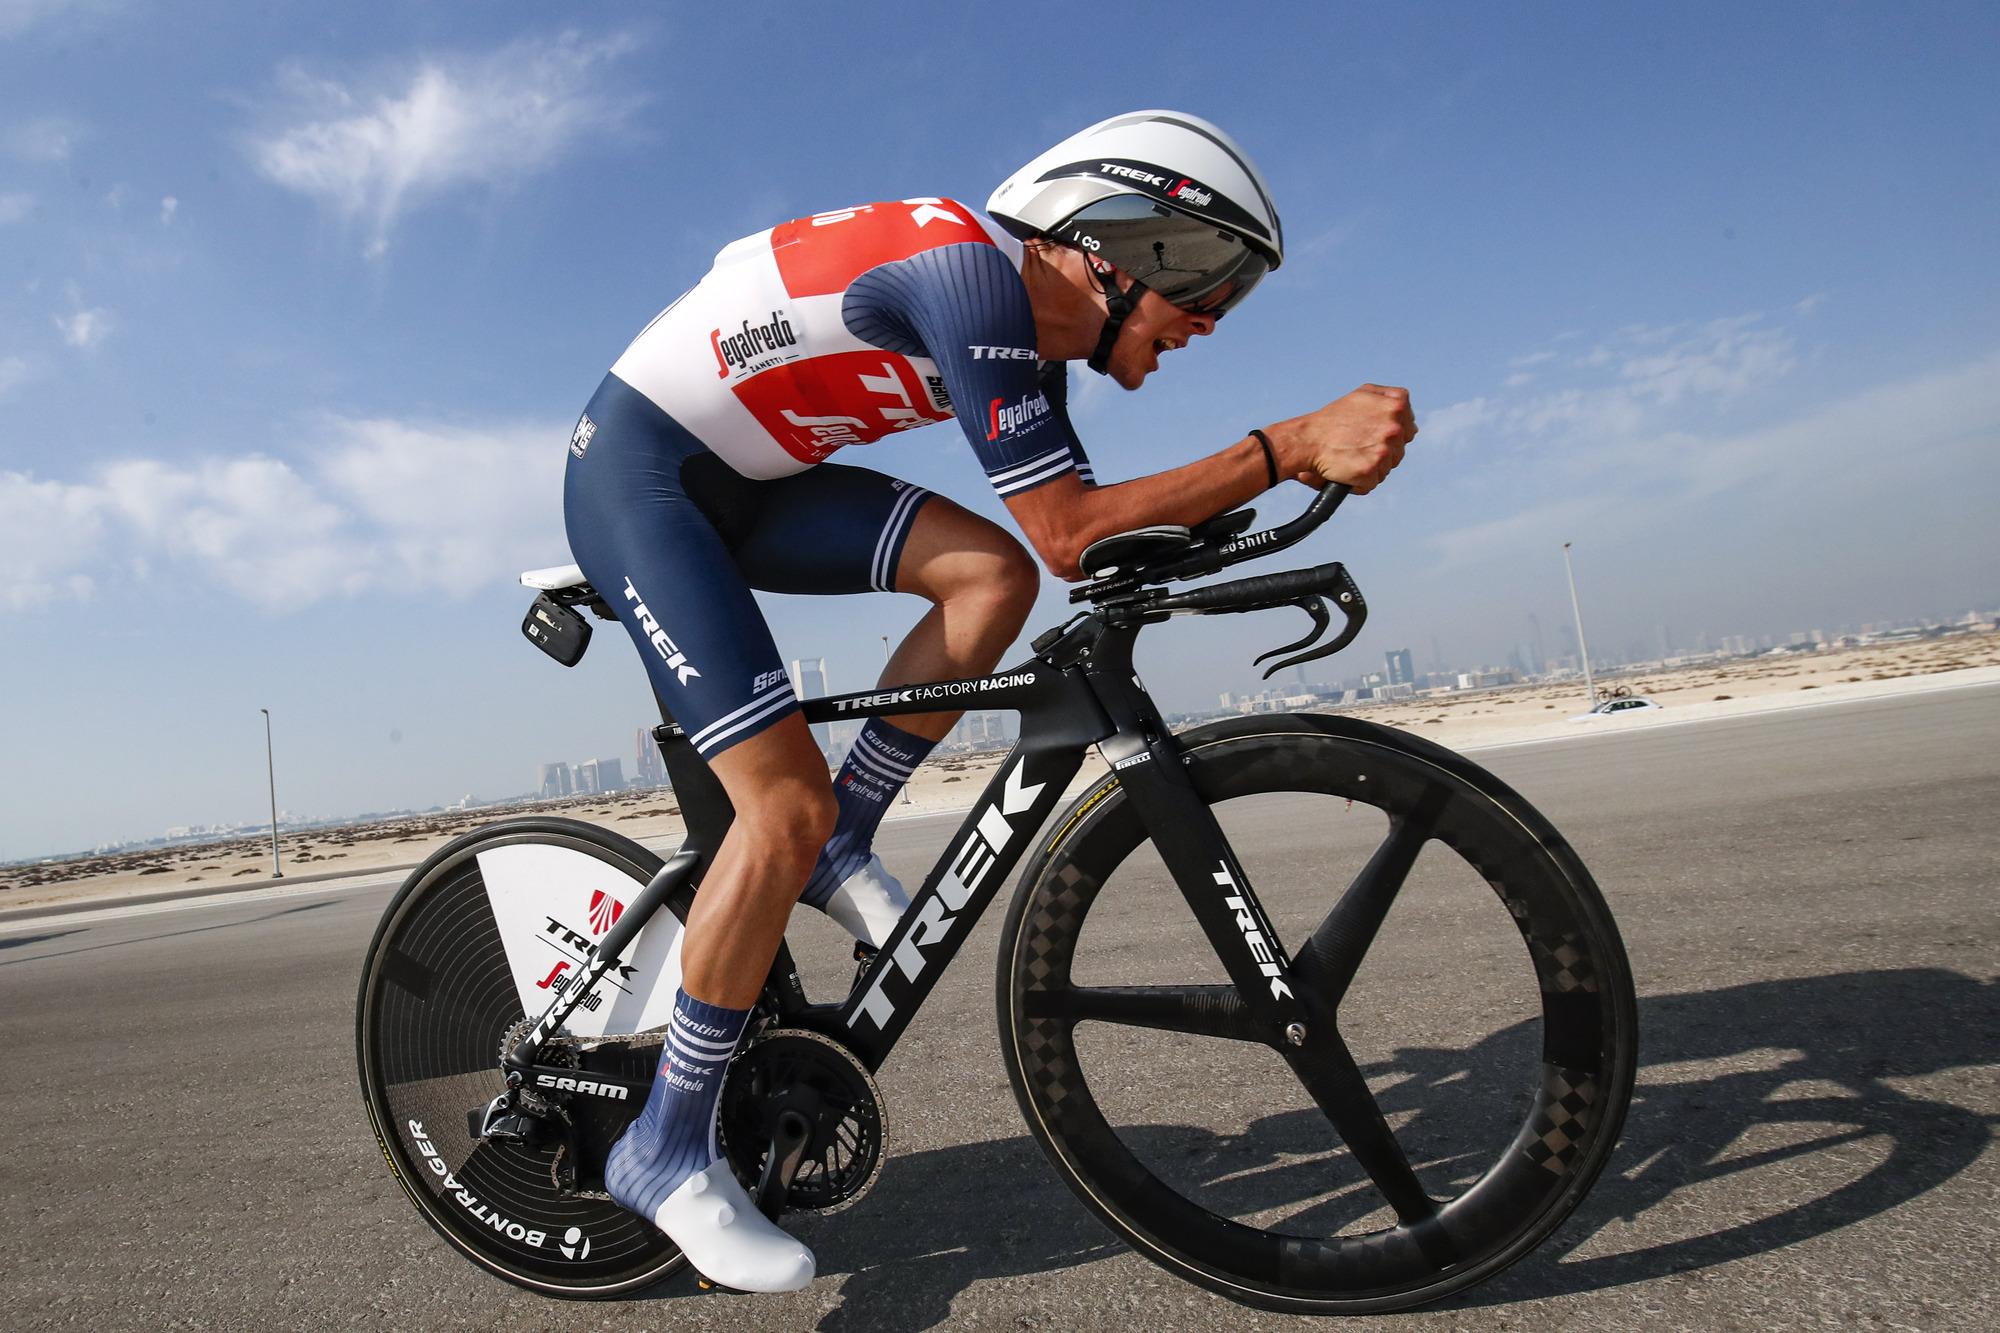 Antonio Tiberi (Trek-Segafredo) before his crash at the UAE Tour